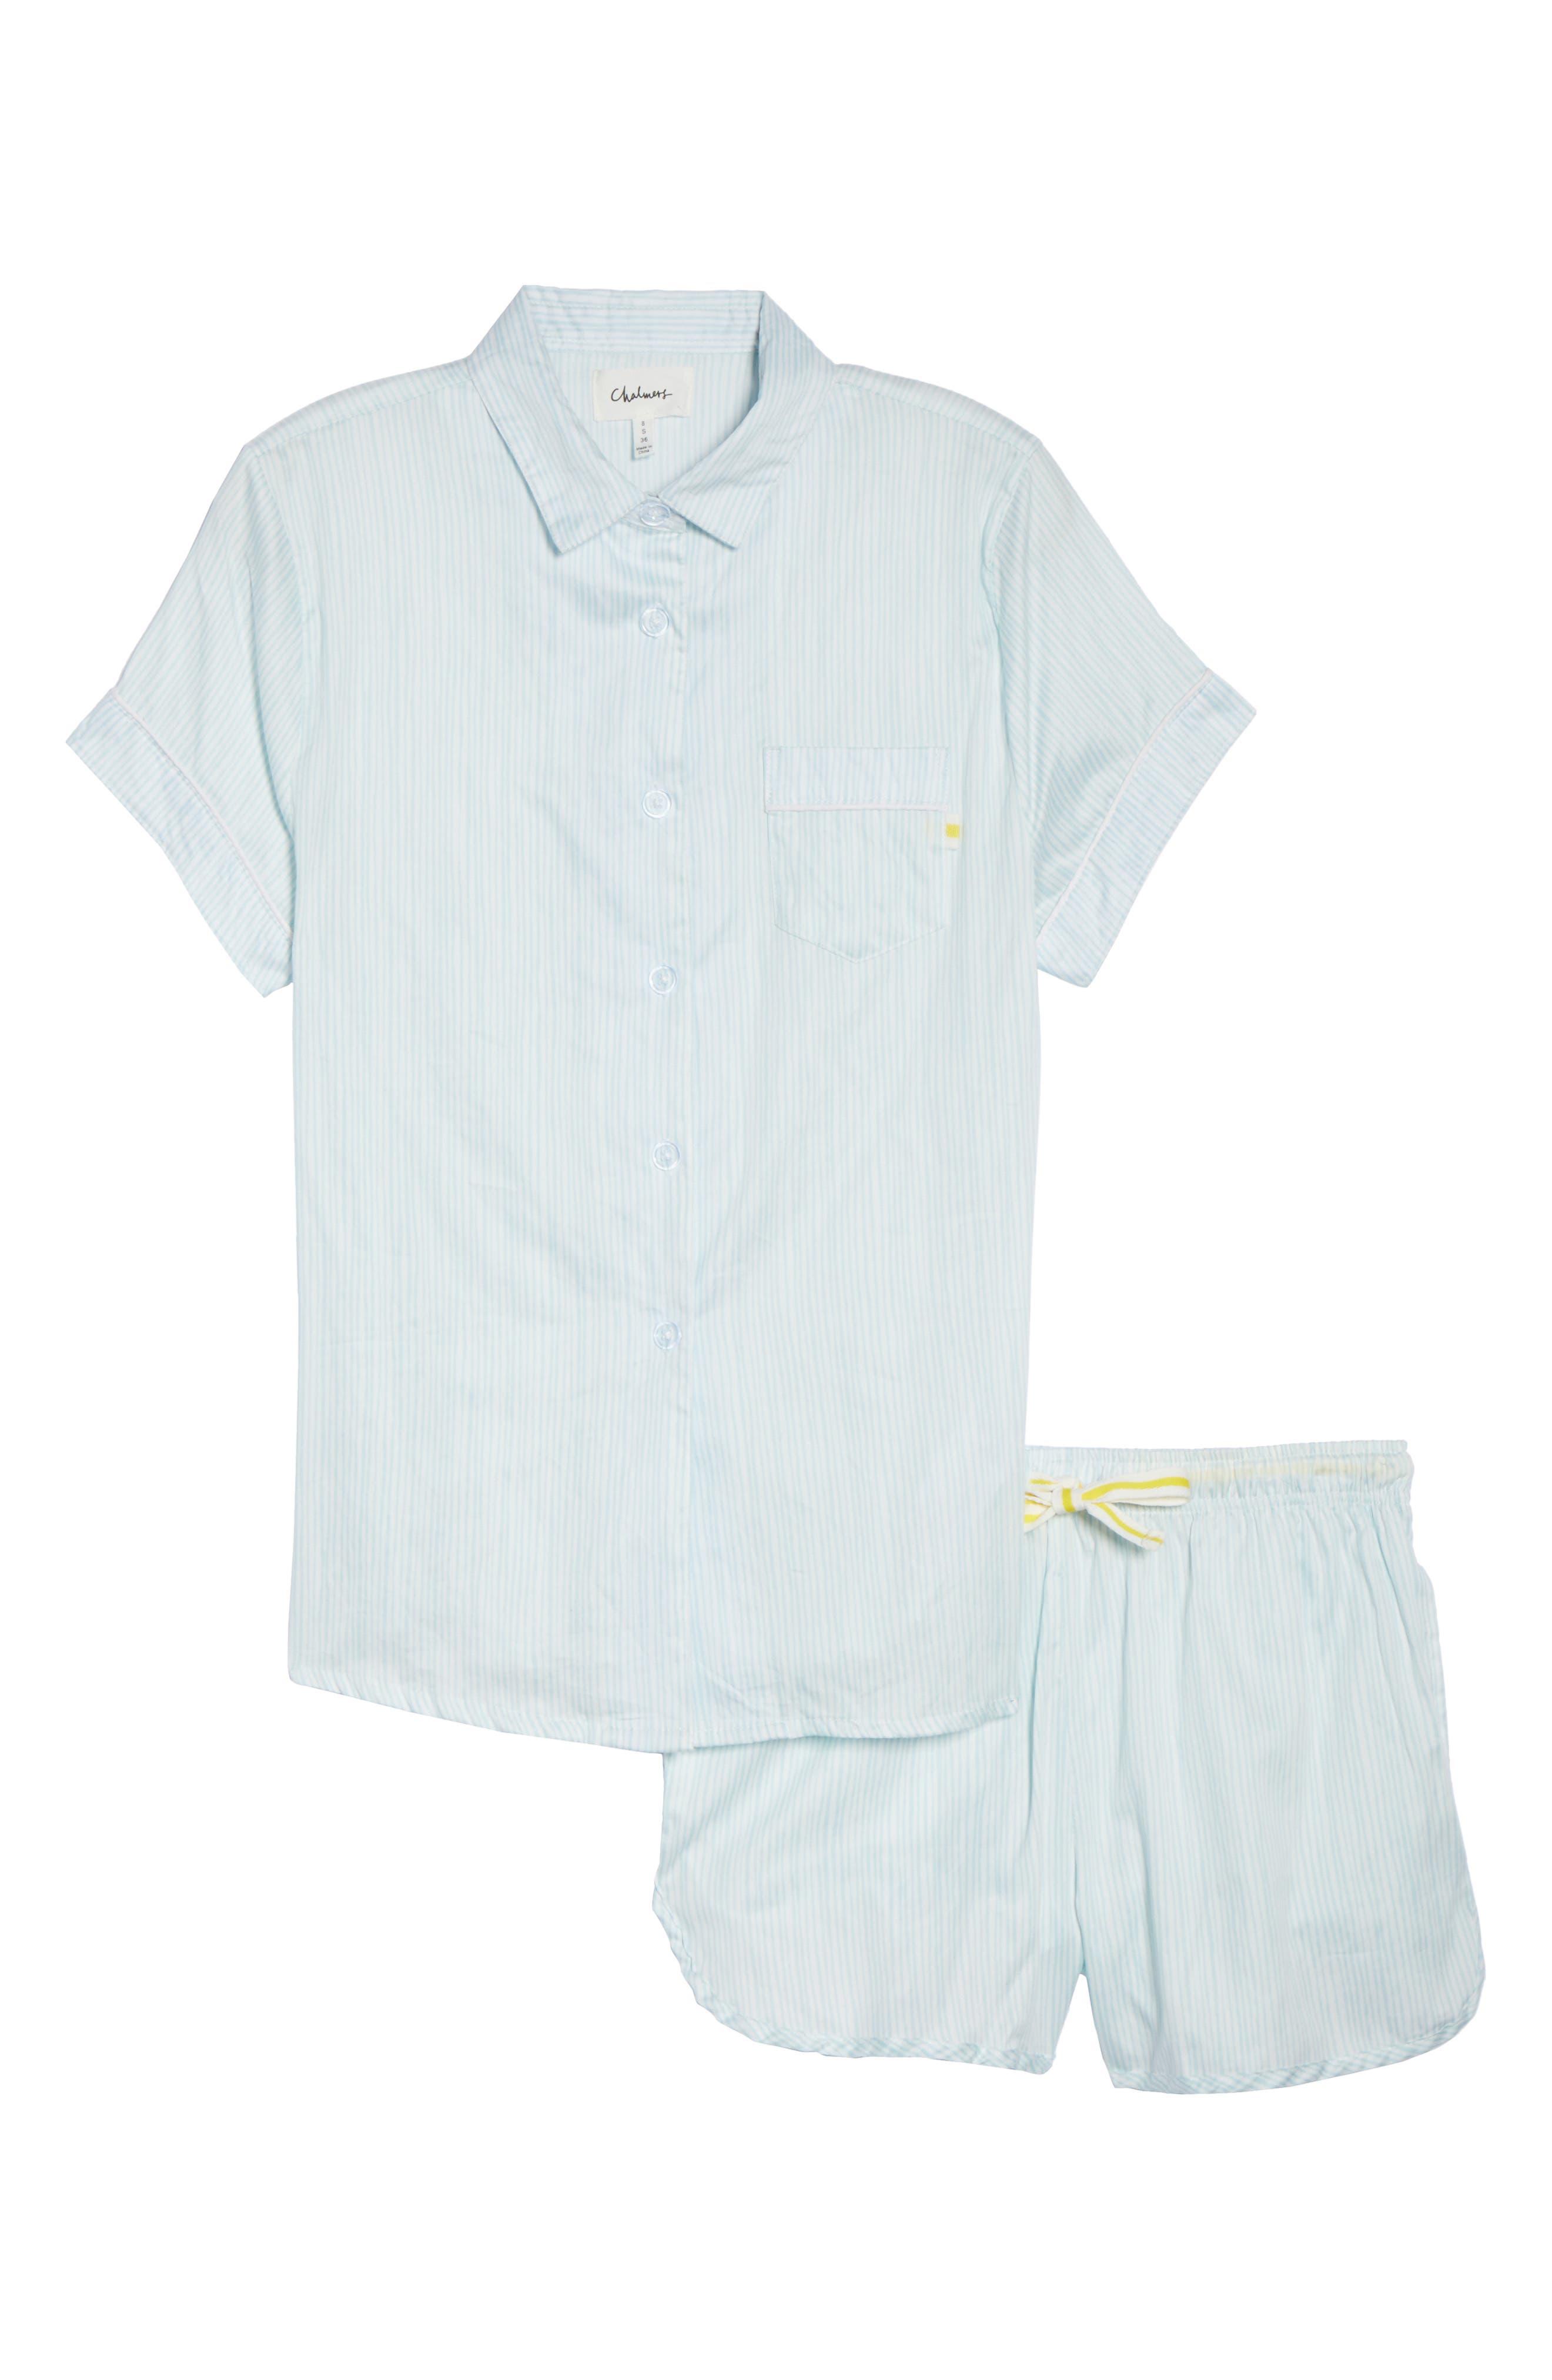 Kit Short Pajamas,                             Alternate thumbnail 6, color,                             440